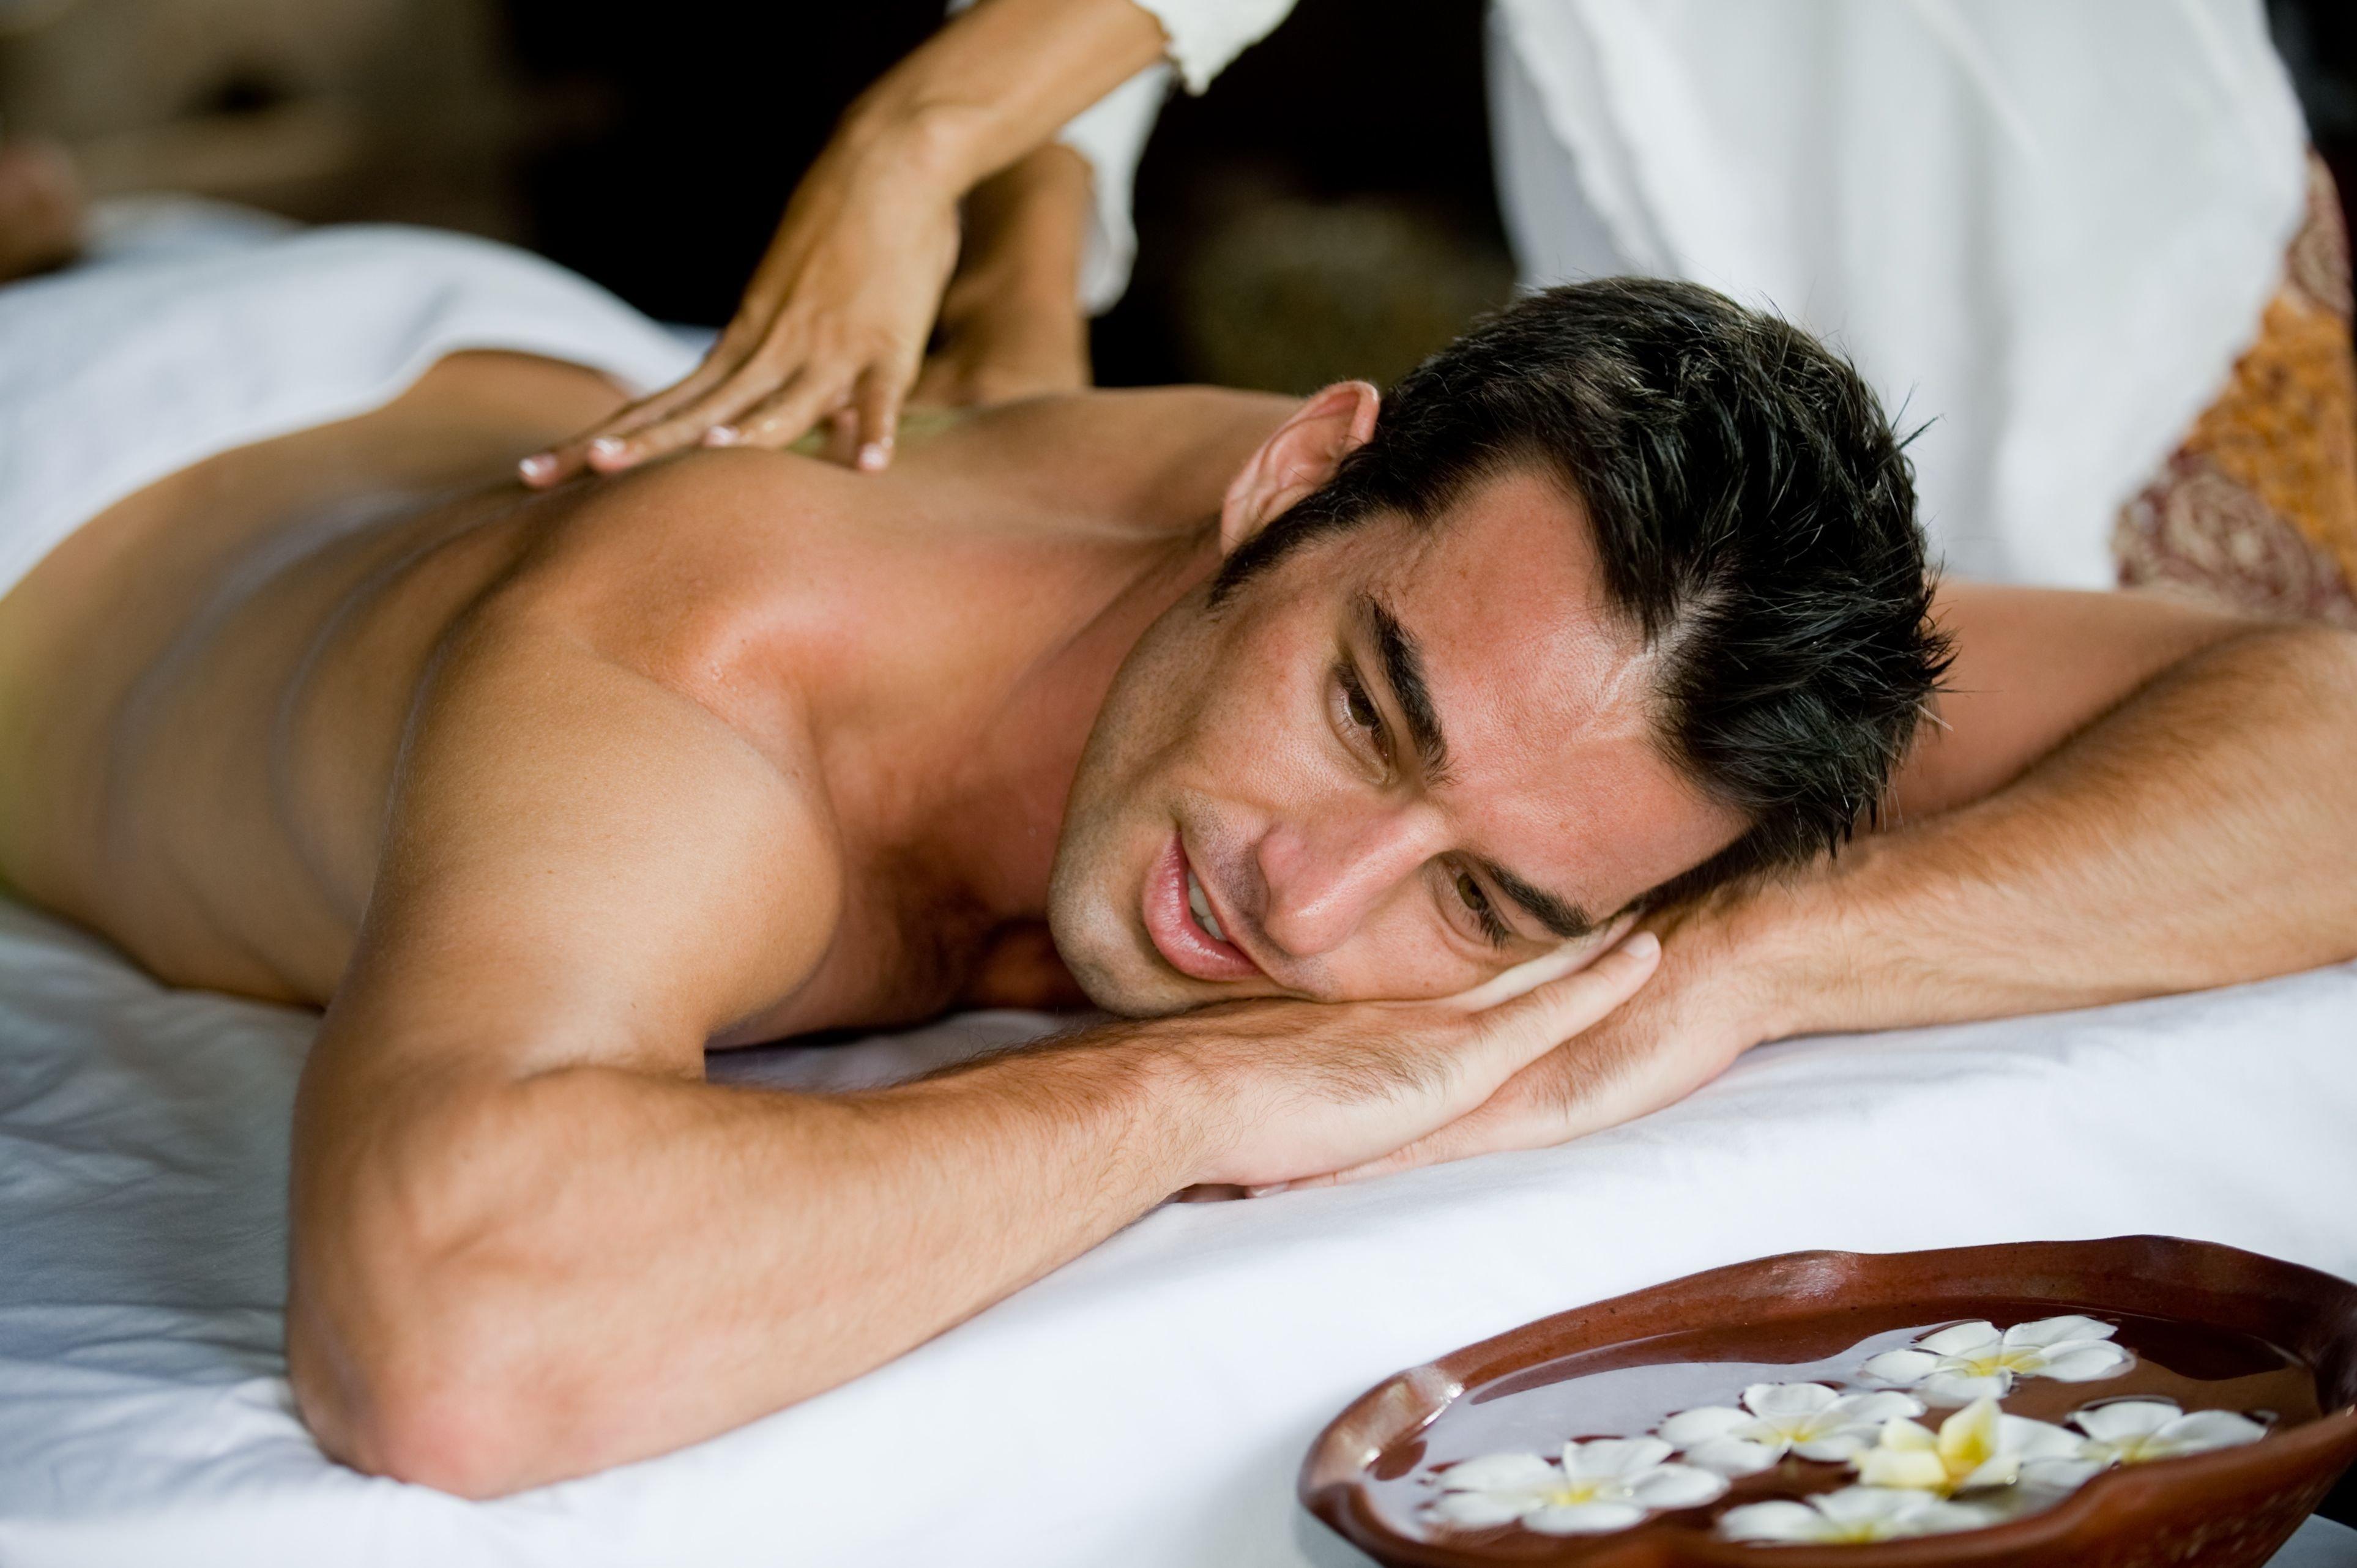 Херсон эротический массаж 29 фотография